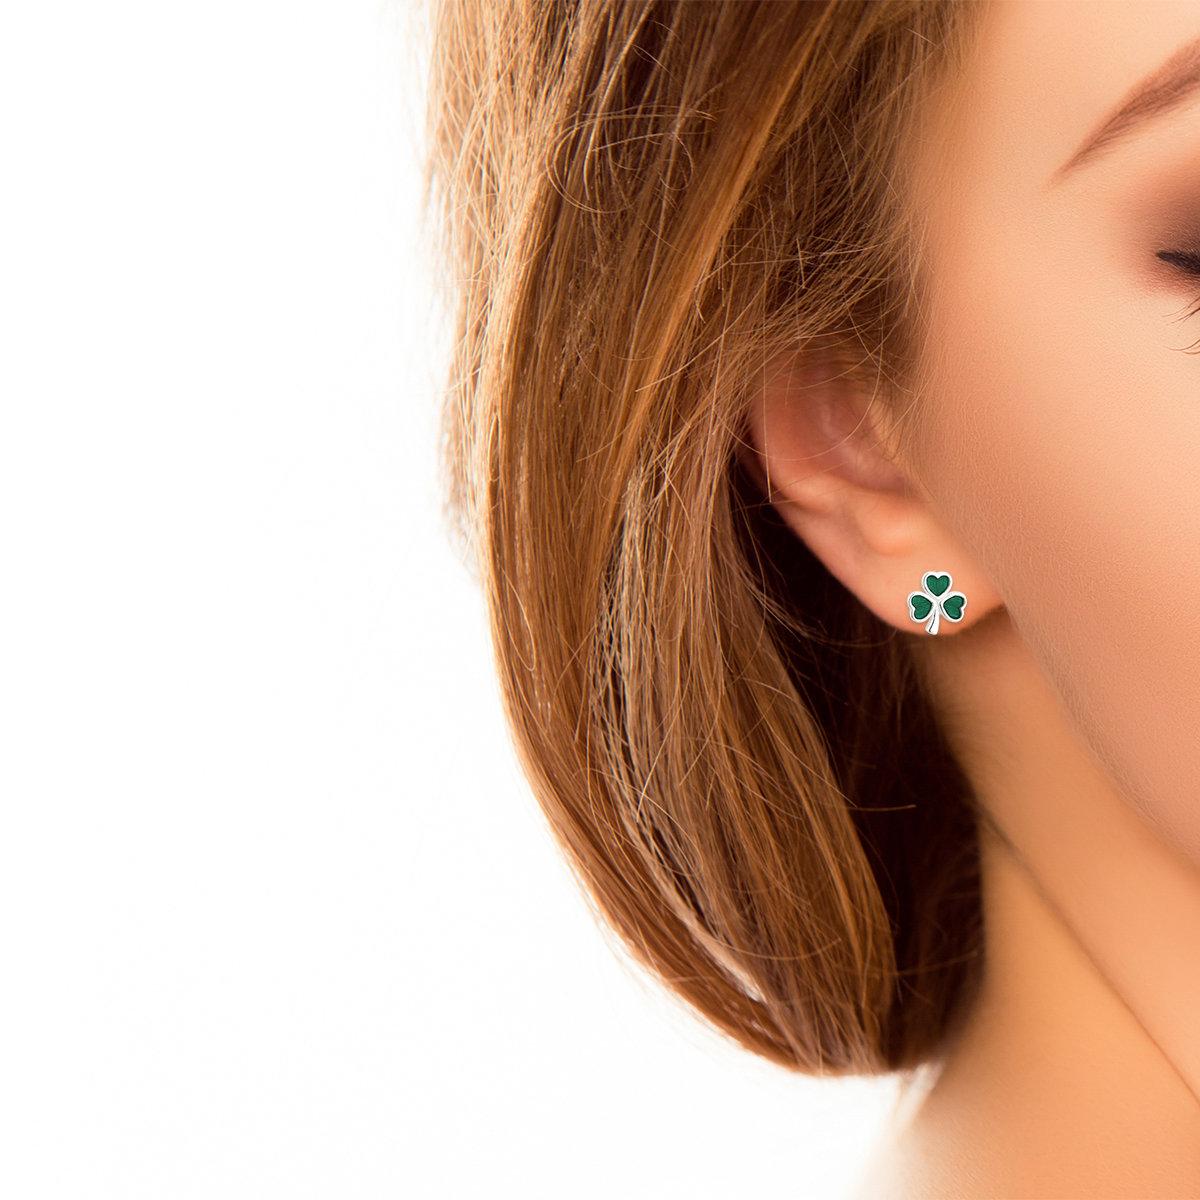 sterling silver green enamel shamrock stud earrings S3147 presented on a model